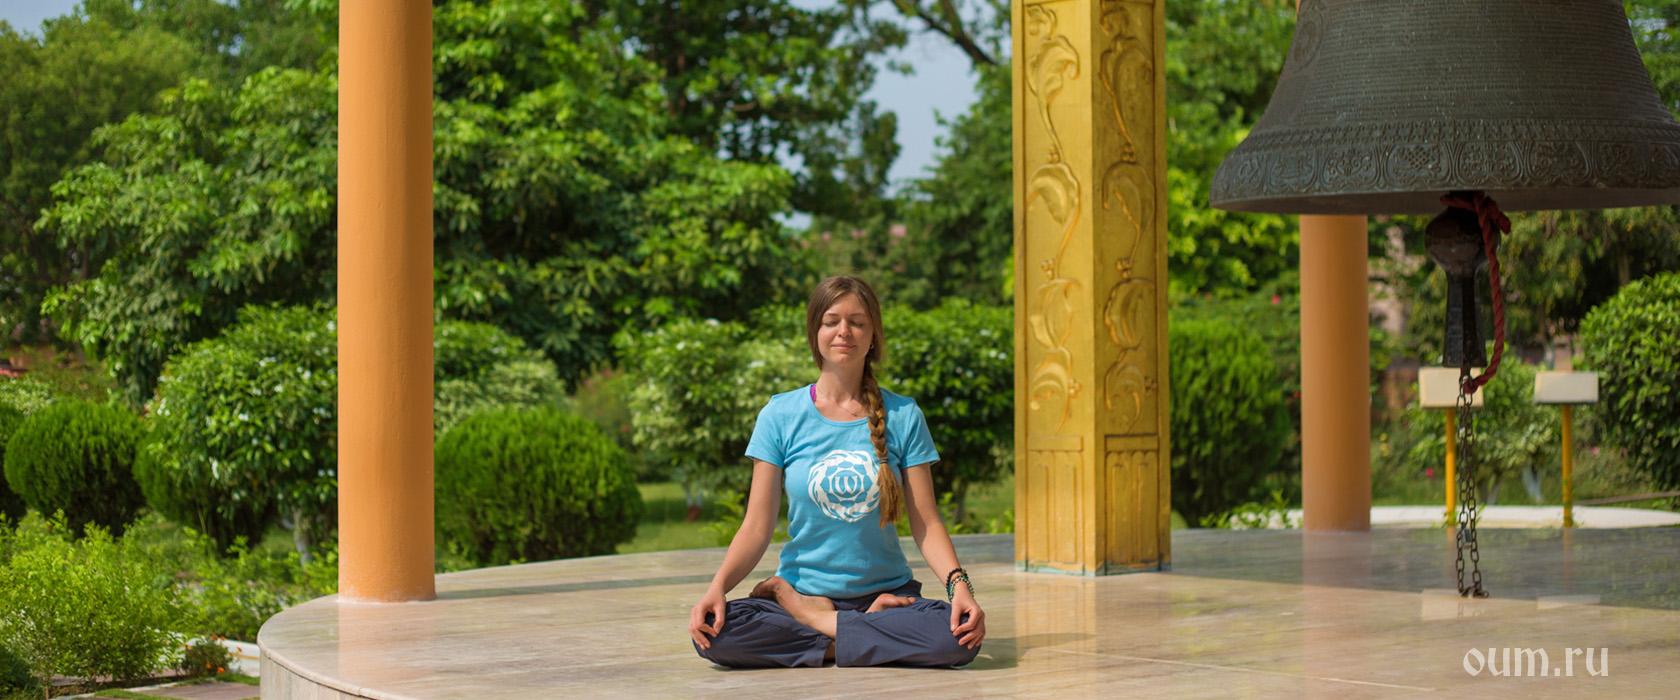 Как научиться медитировать. Как научиться медитировать новичкам в домашних условиях, как медитировать